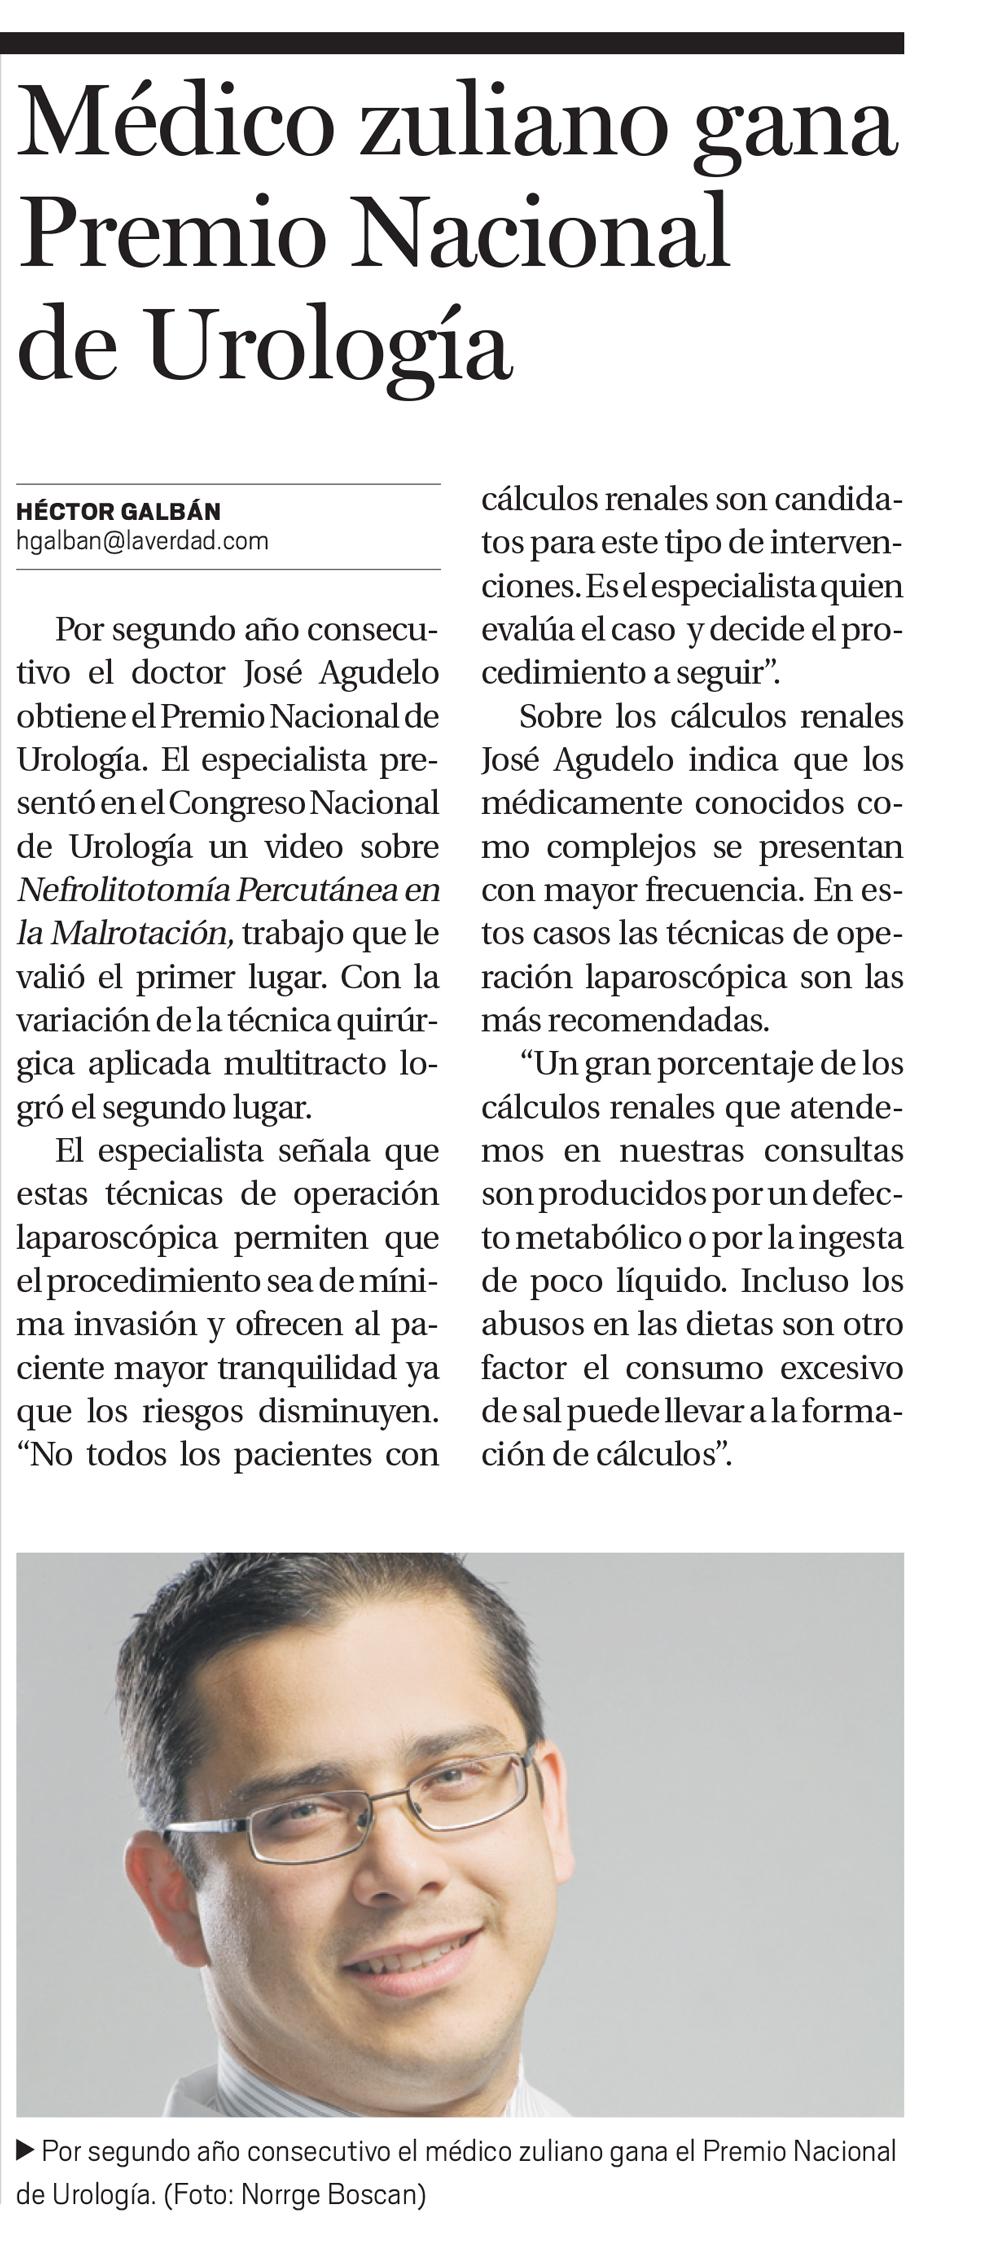 Médico zuliano gana Premio Nacional de Urología